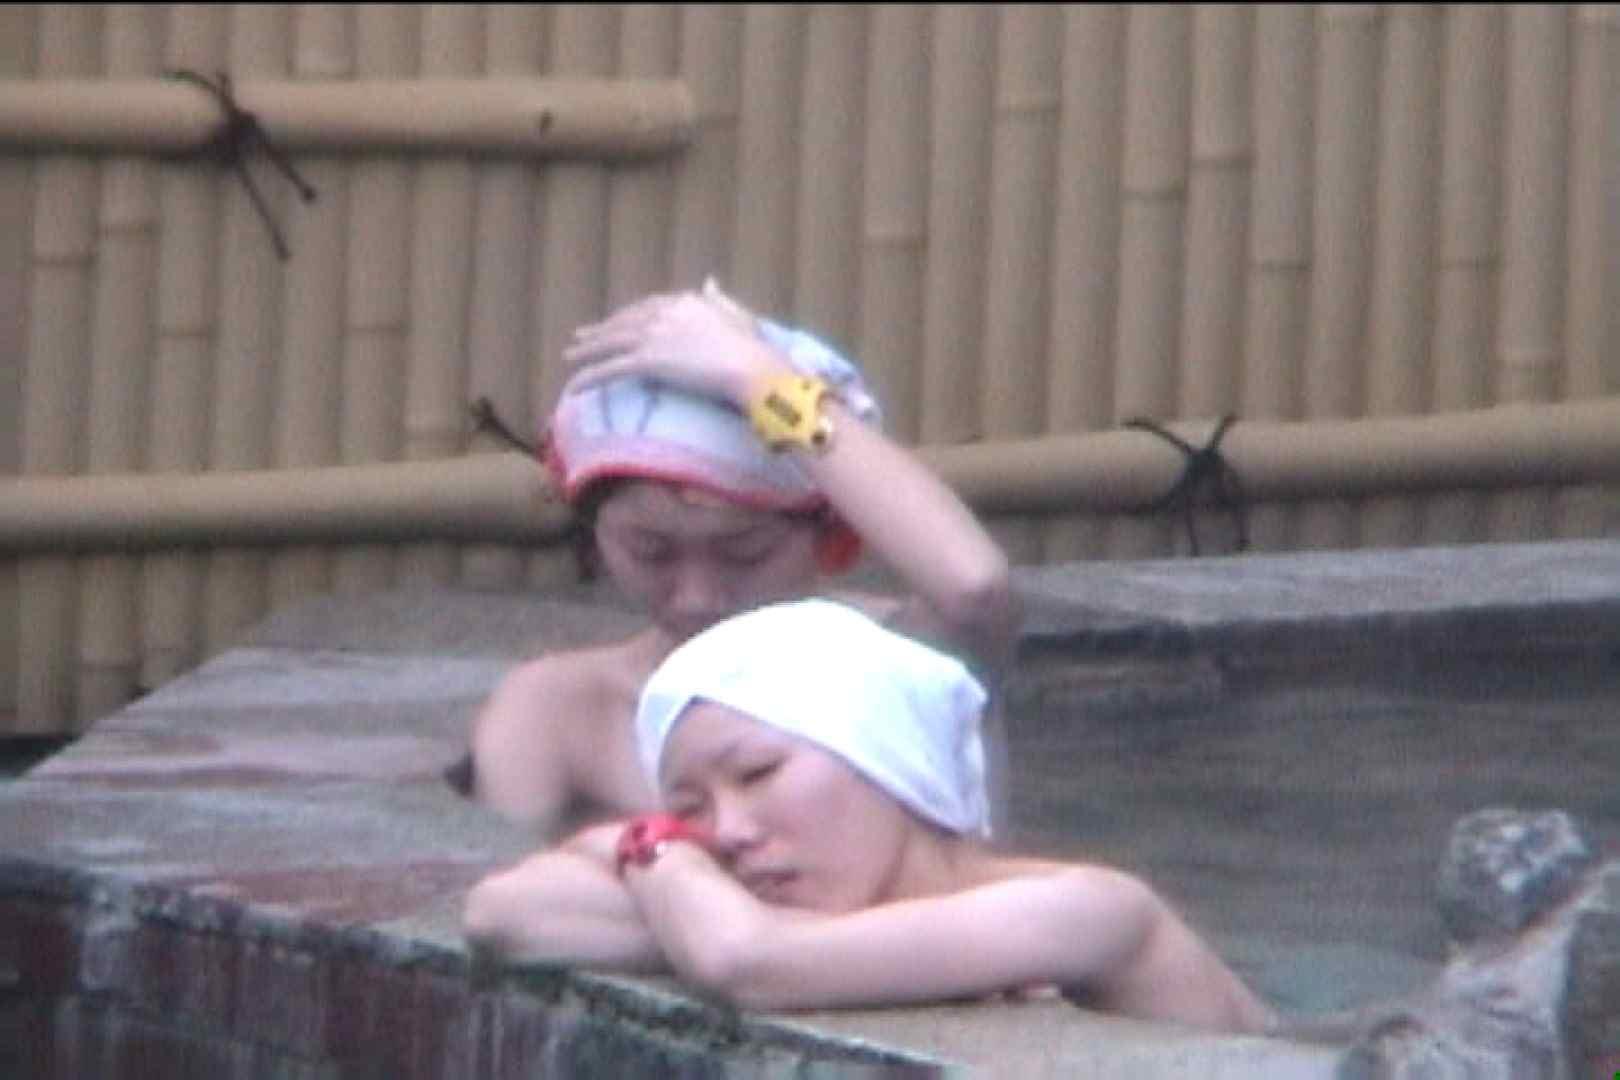 Aquaな露天風呂Vol.91【VIP限定】 OLエロ画像 | 露天  104PICs 58